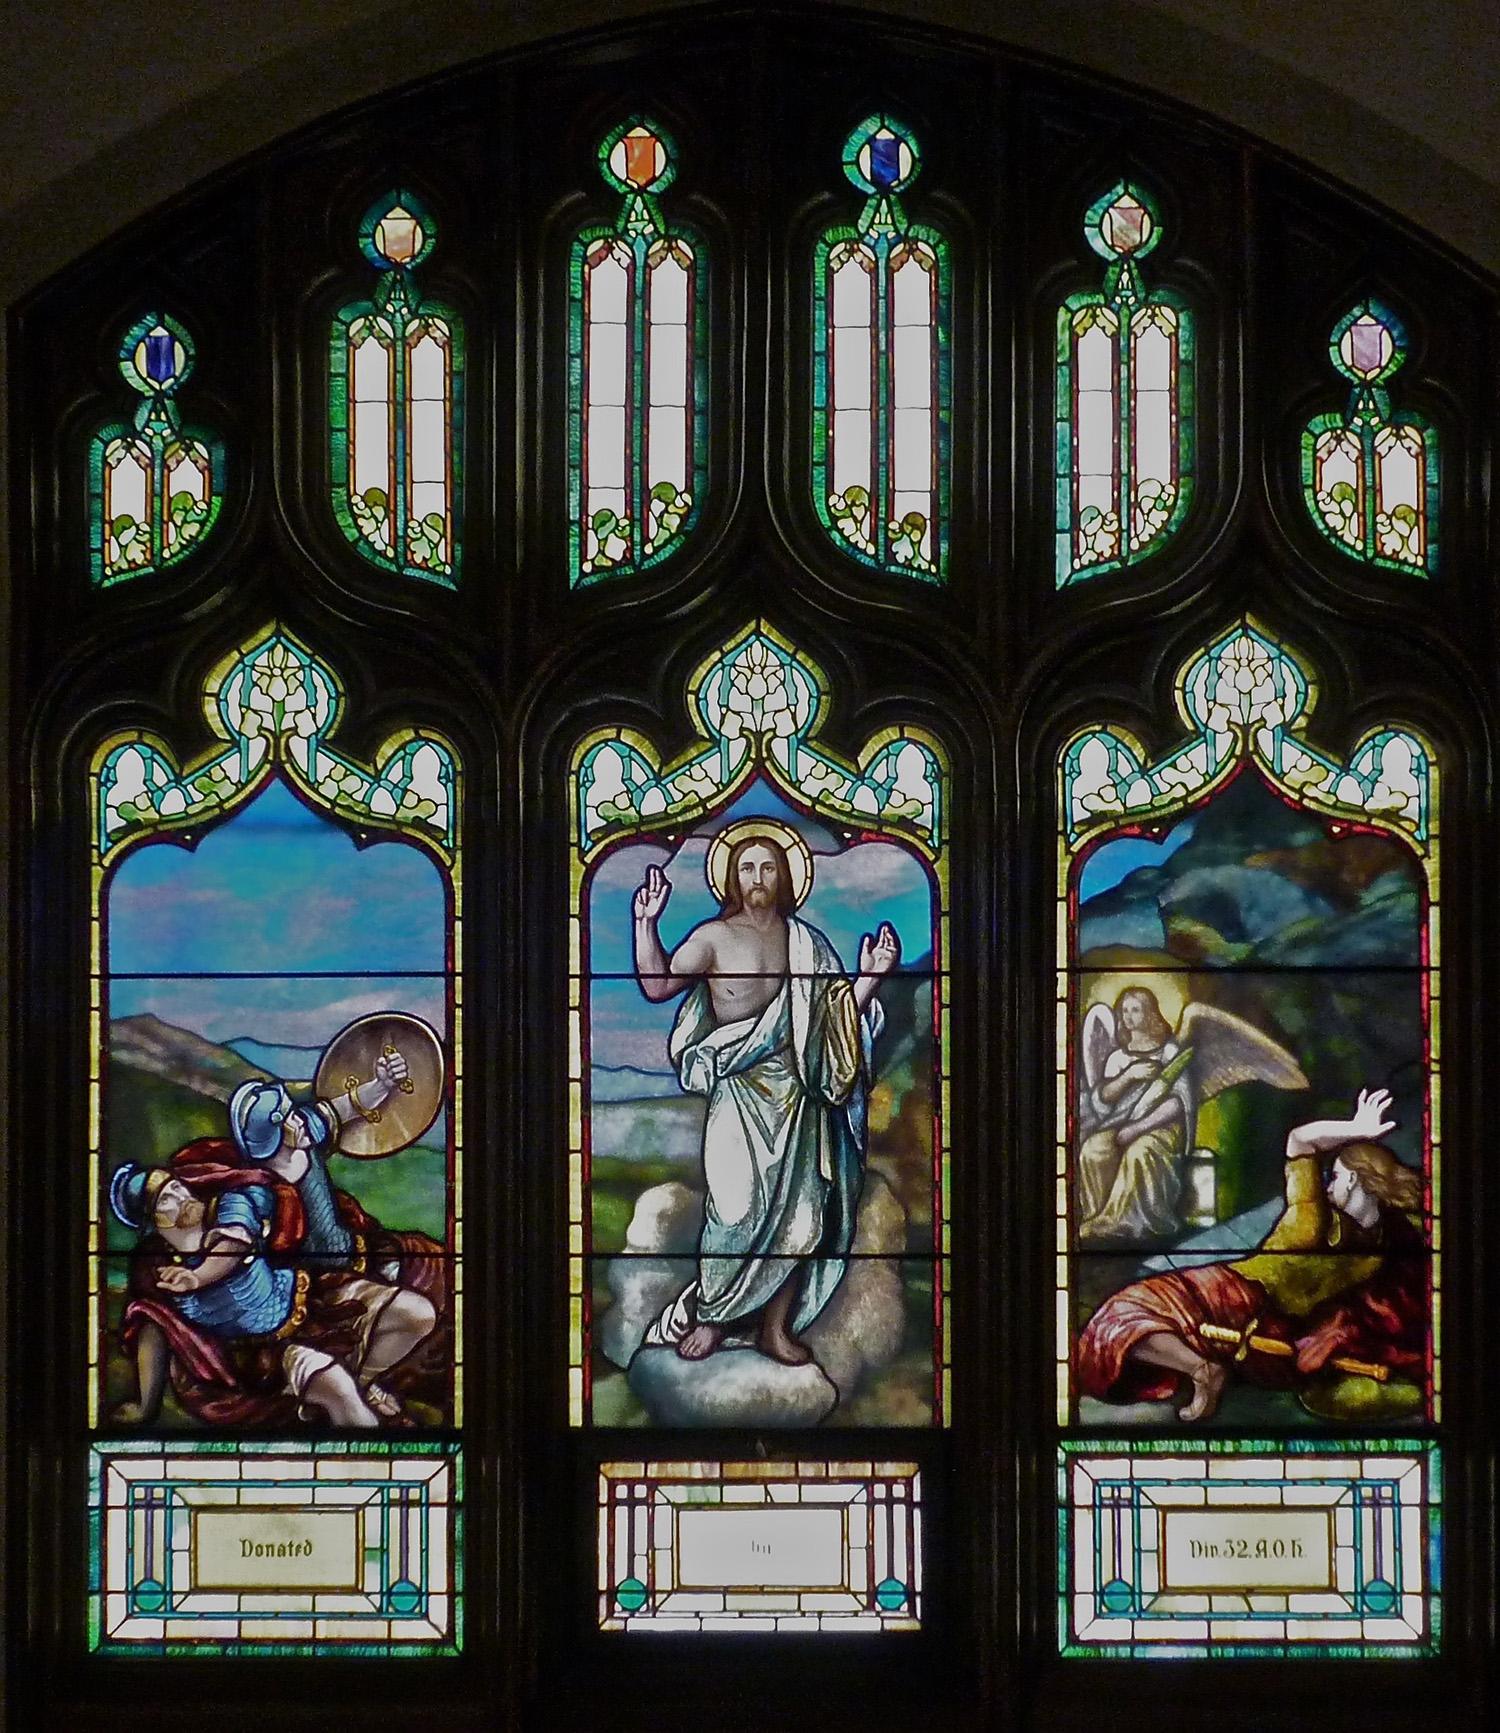 St. Leo's Restoration